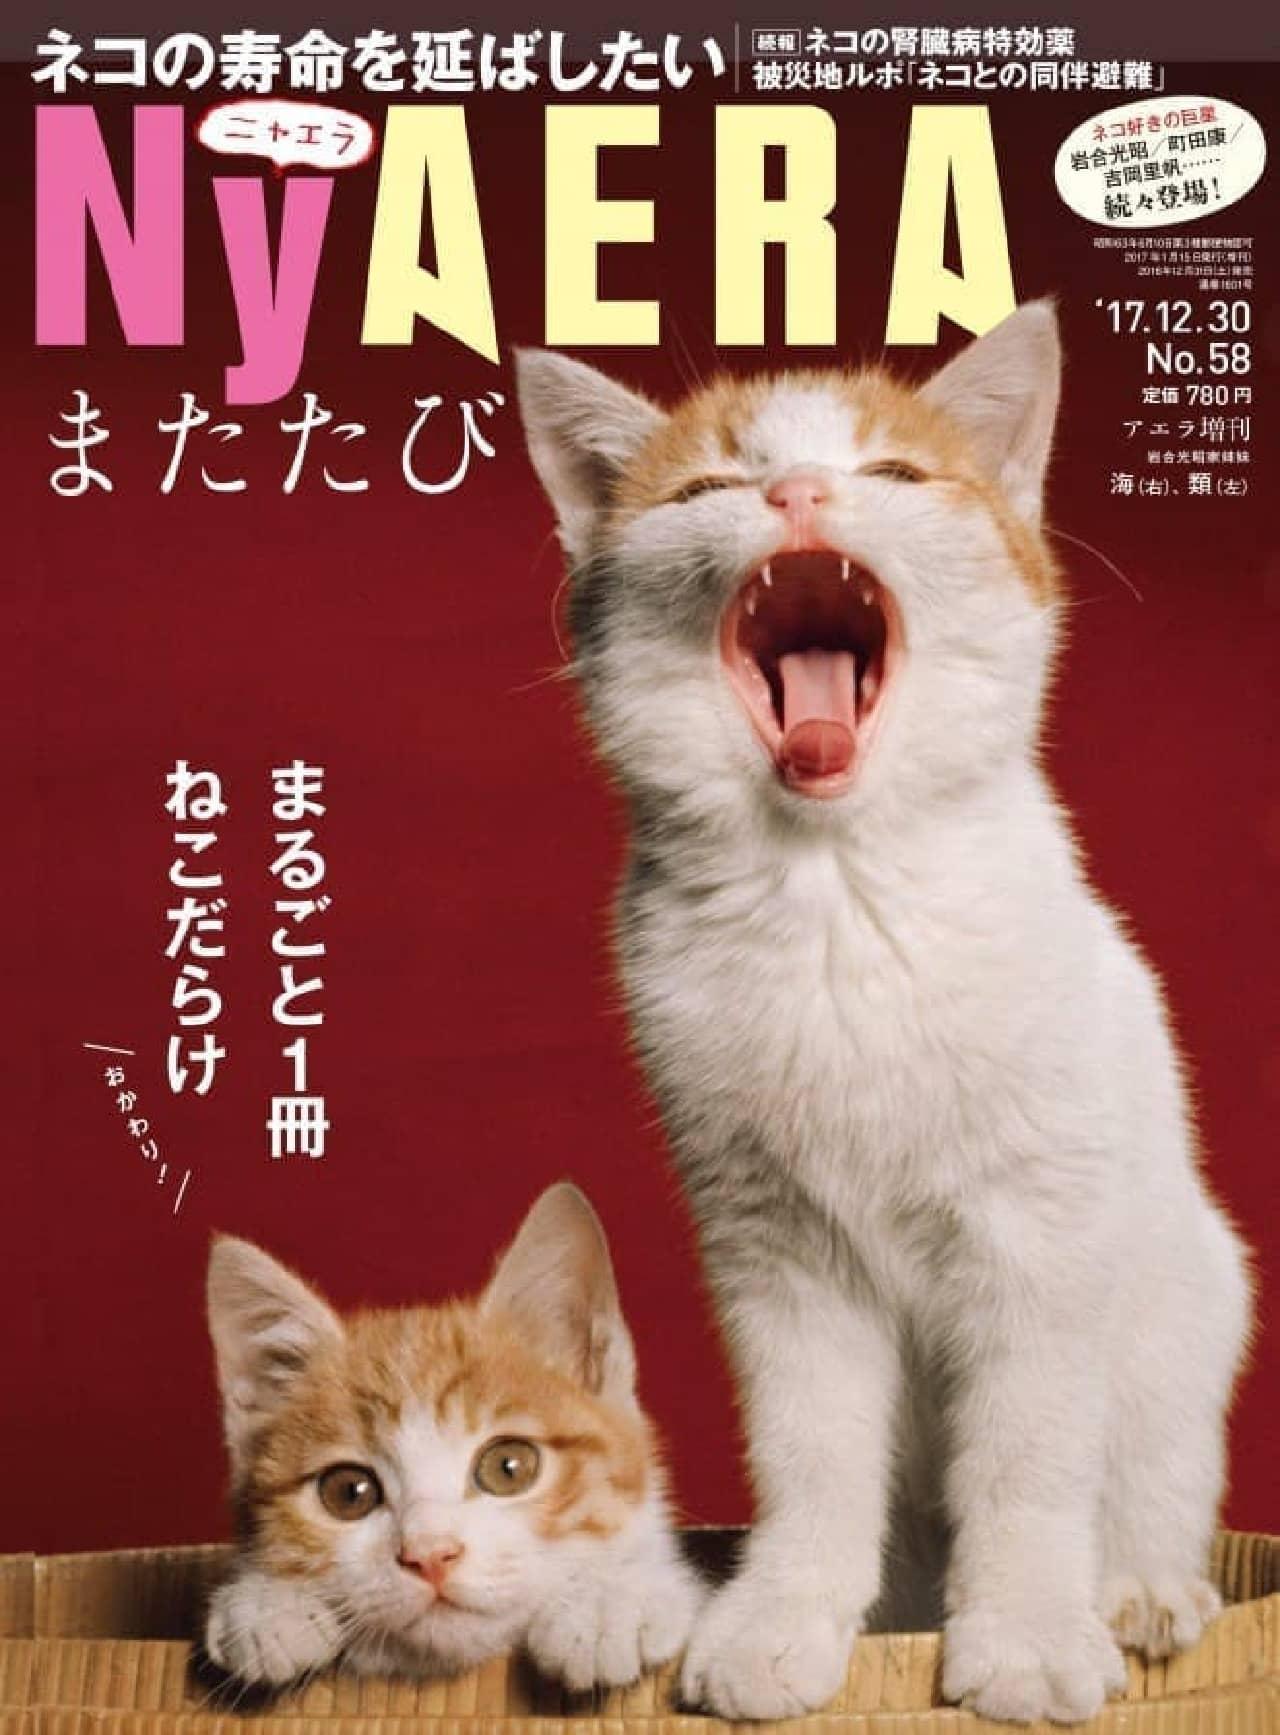 「NyAERA(ニャエラ)またたび」第2弾